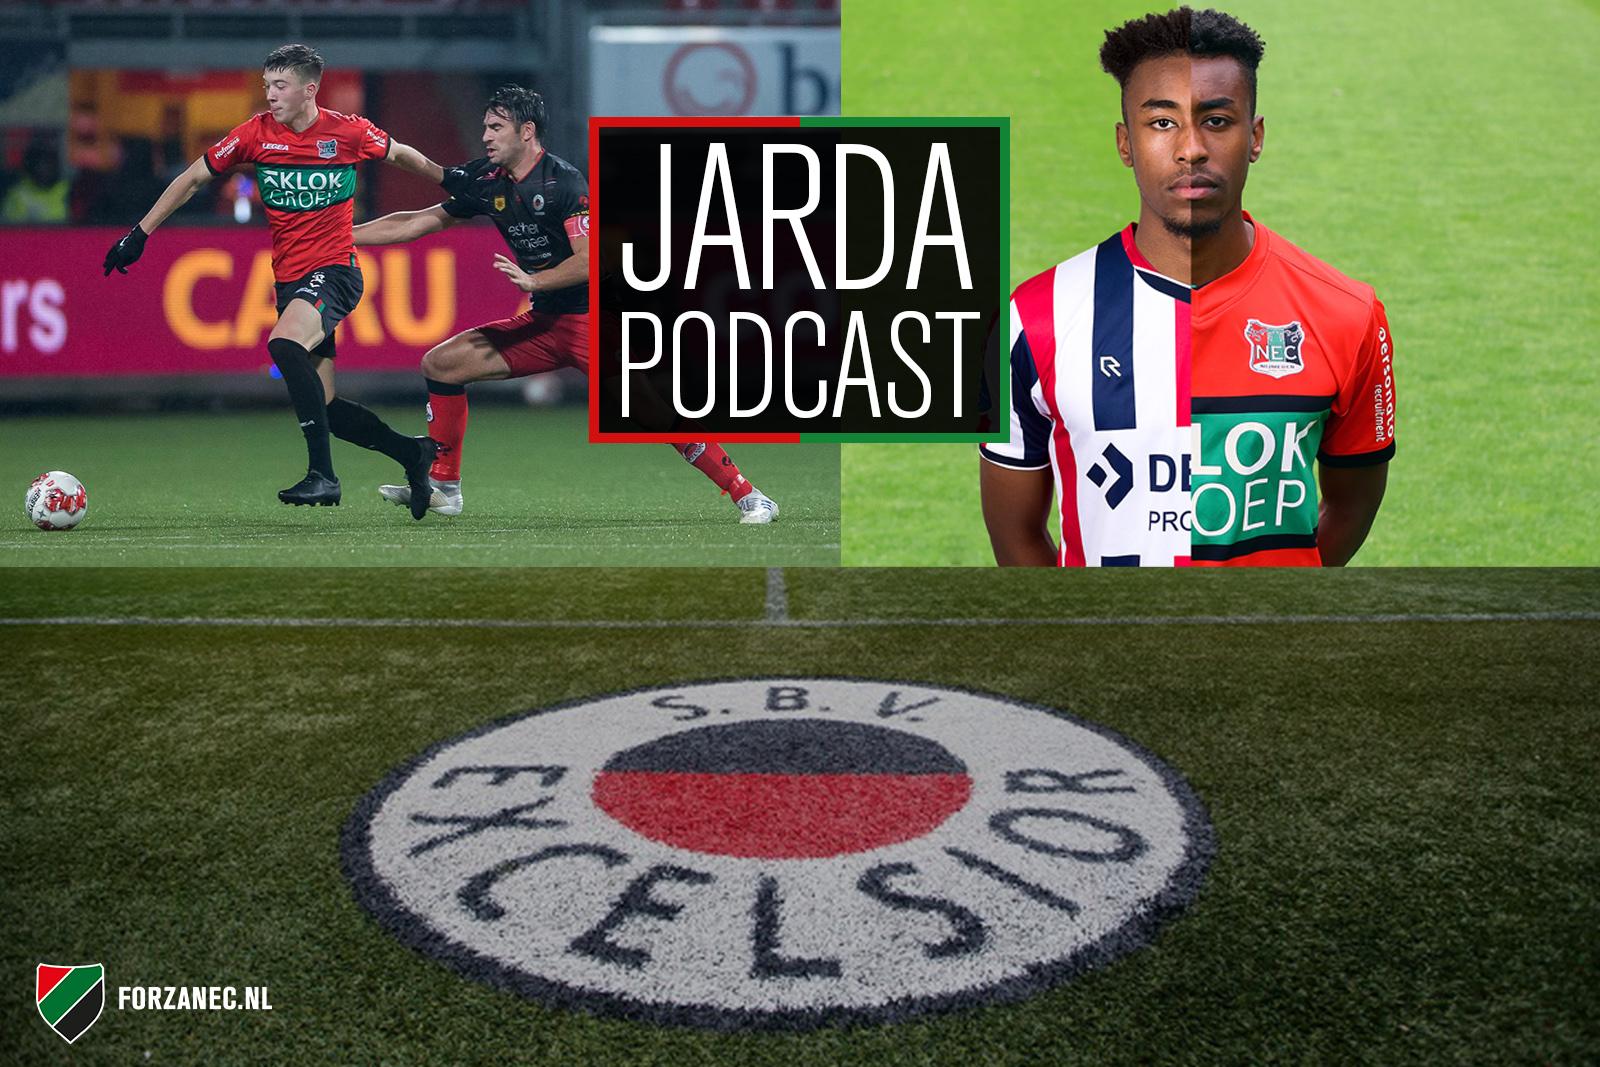 Jarda Podcast #29: Seizoen NEC is 'voorbij' en Trésor begint net